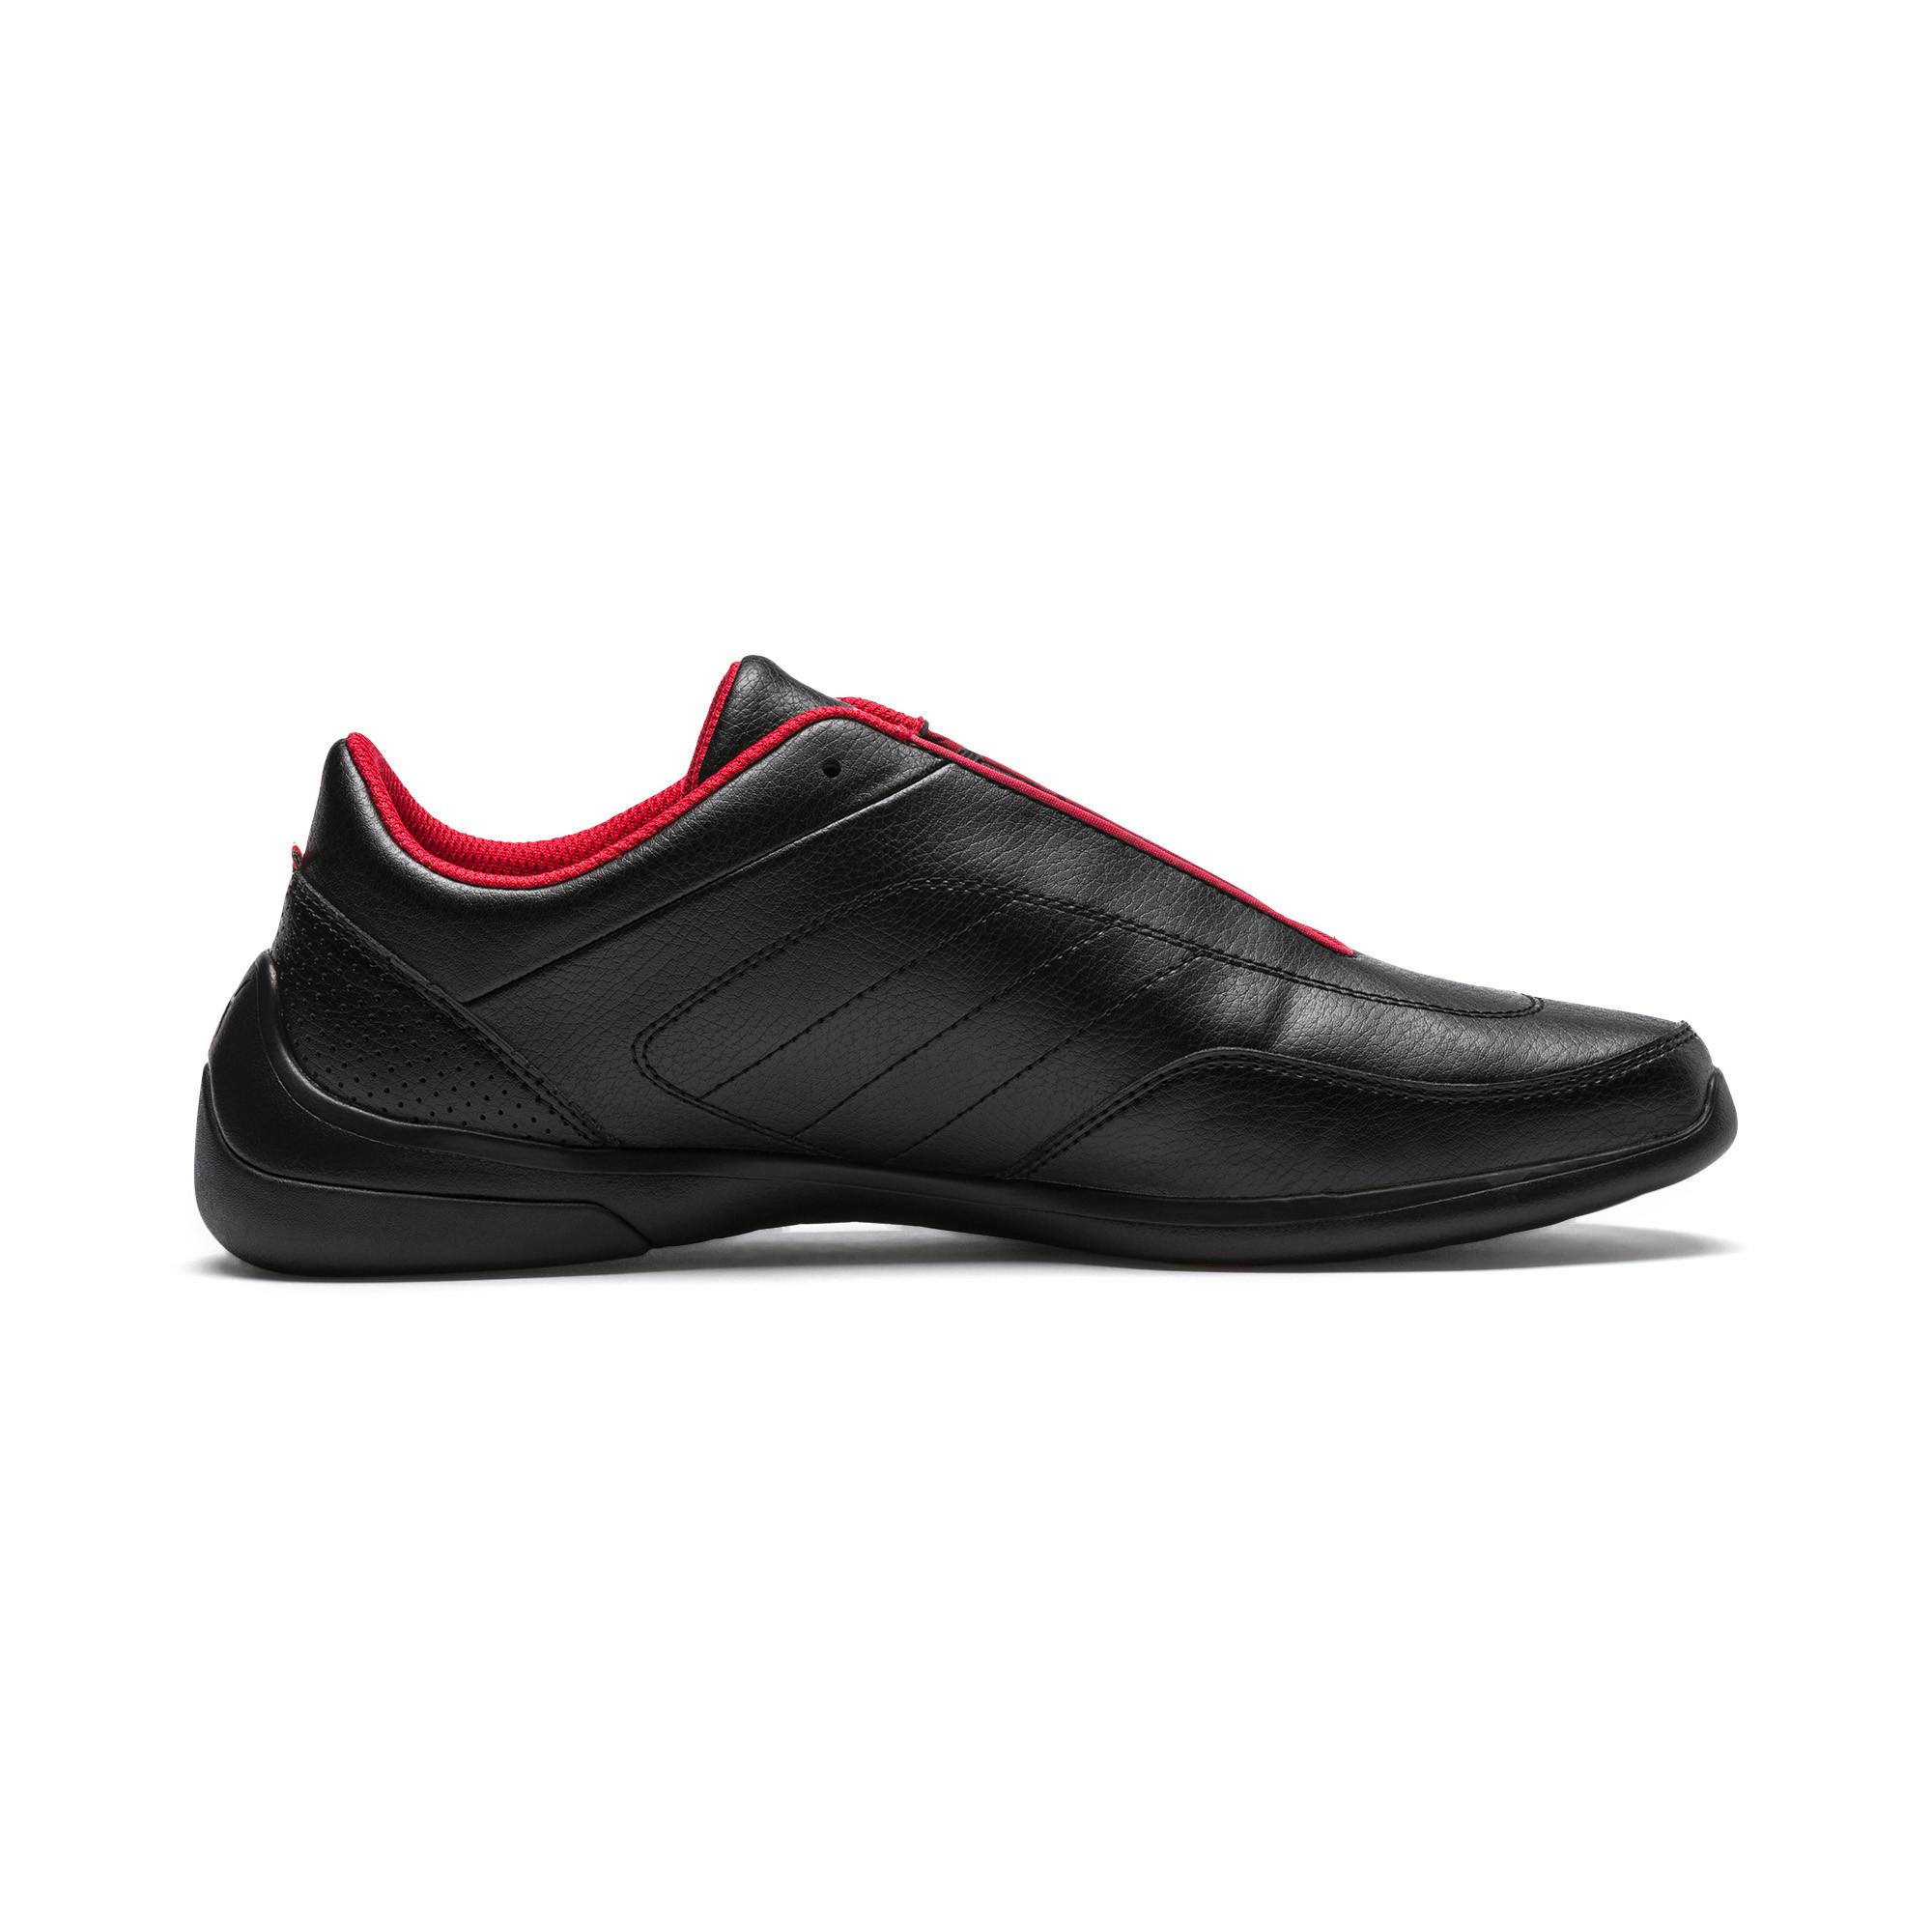 53869cfde PUMA Ferrari Kart Cat III Sneakers Men Shoe Auto New  49.99 ...